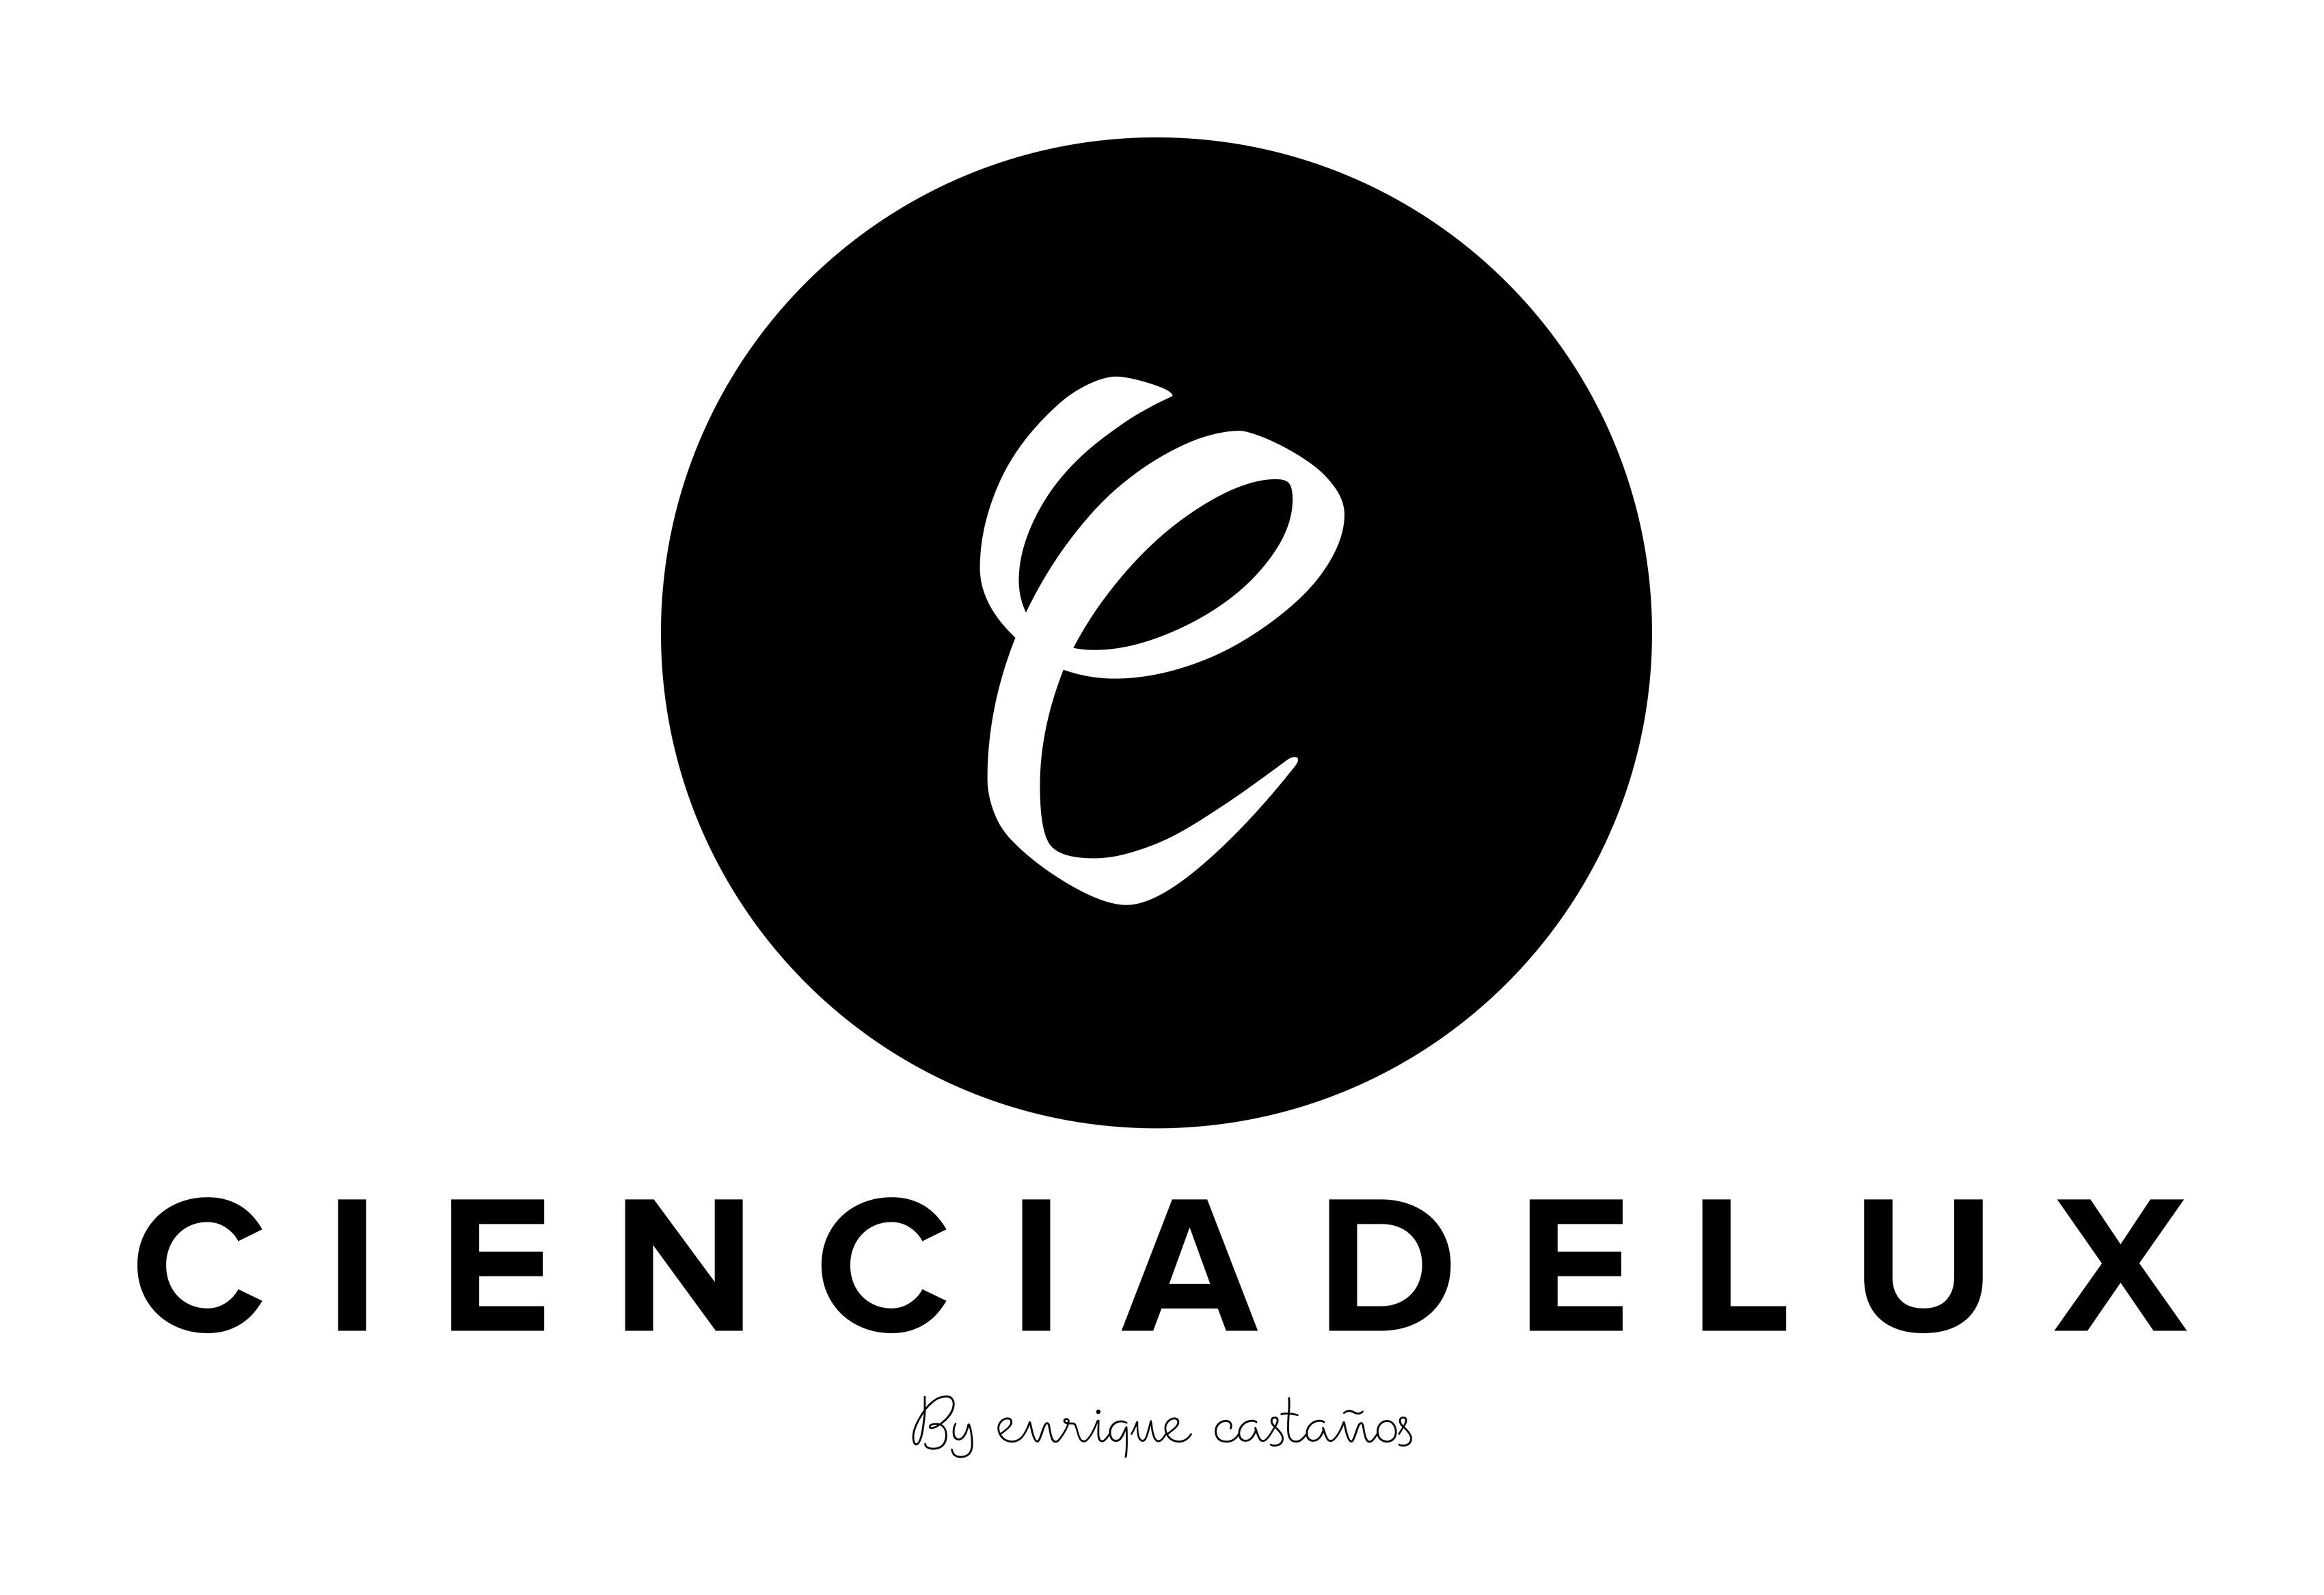 Cienciadelux